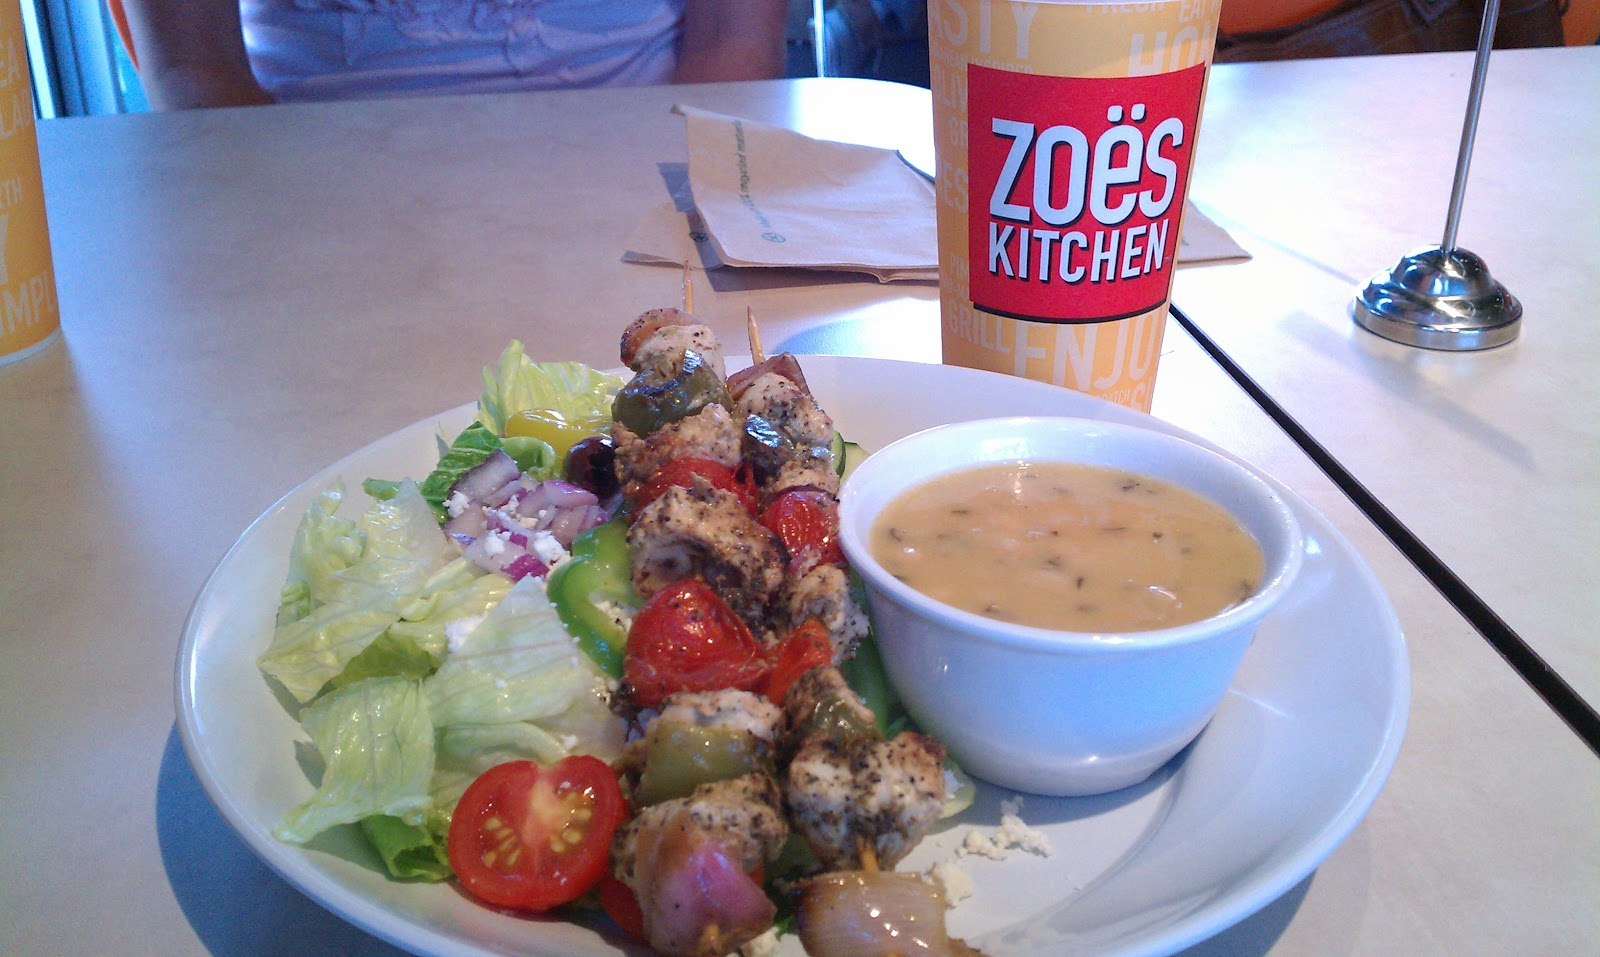 Gluten Free Durham Zo 235 S Kitchen Restaurant Review